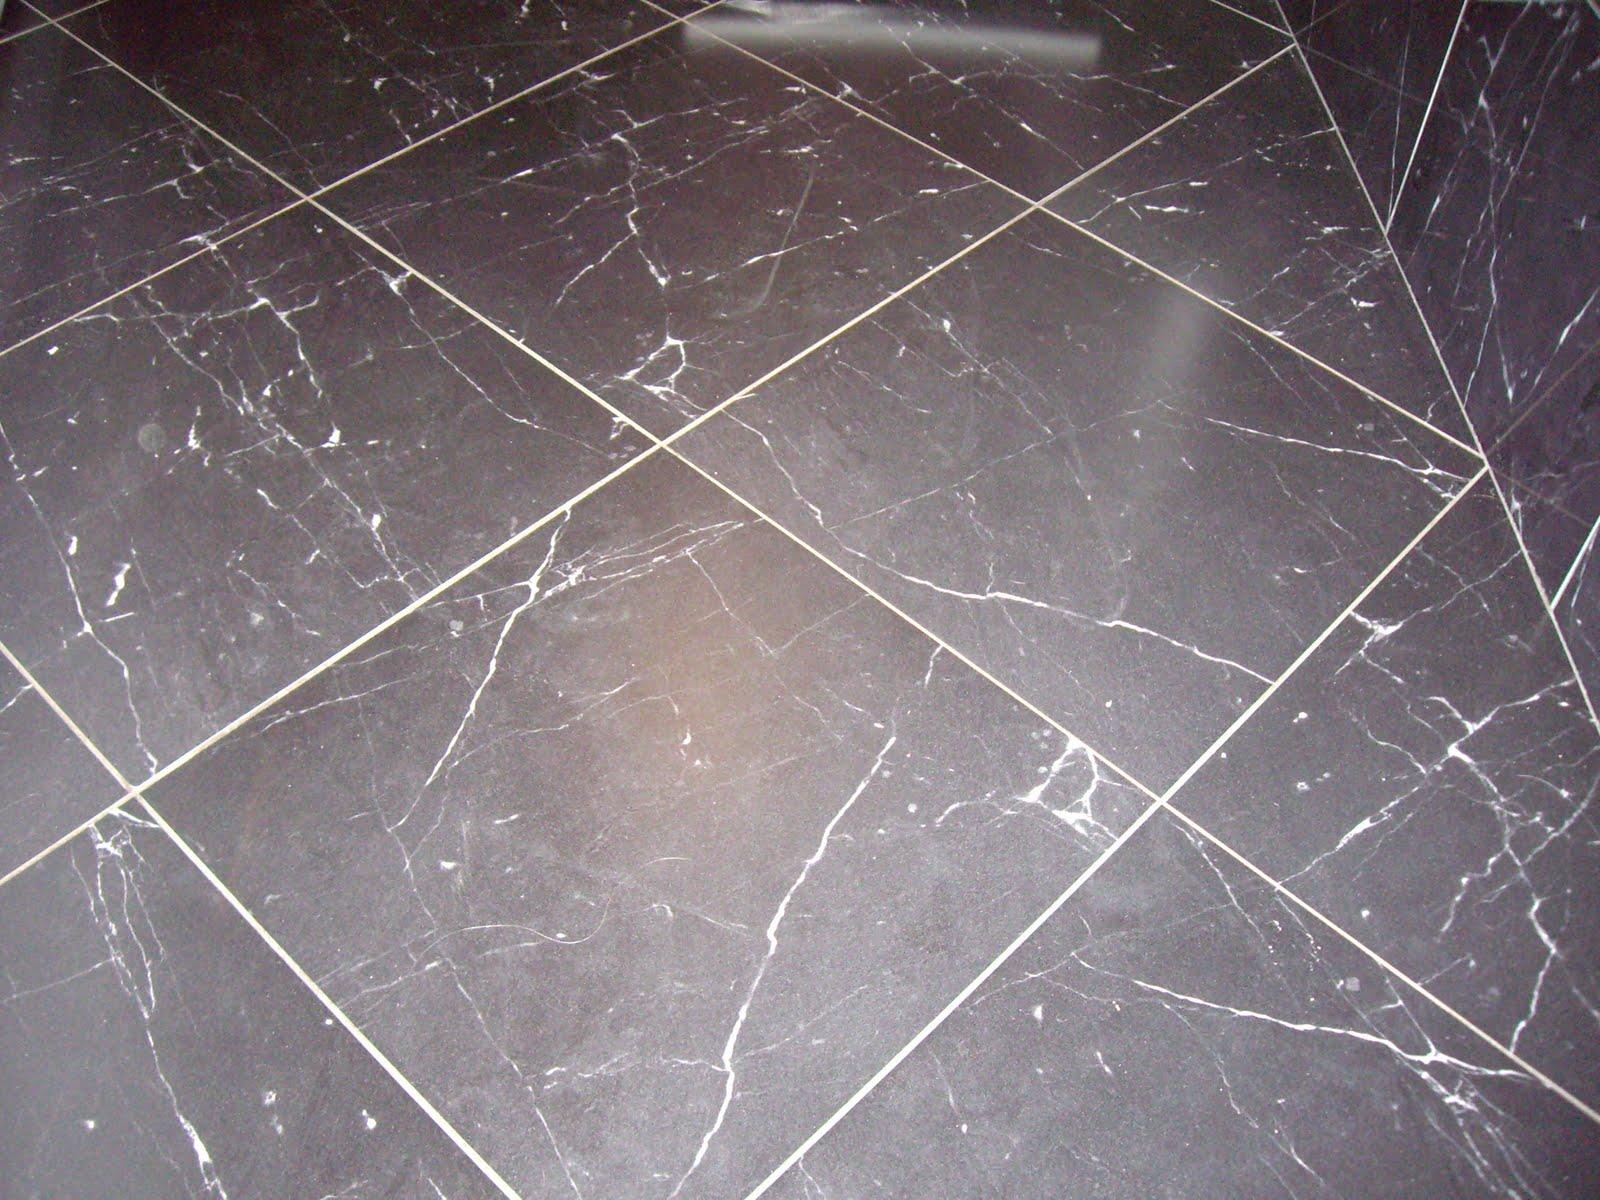 Entreprise barill re carrelage parquet salle de for Carrelage en marbre noir